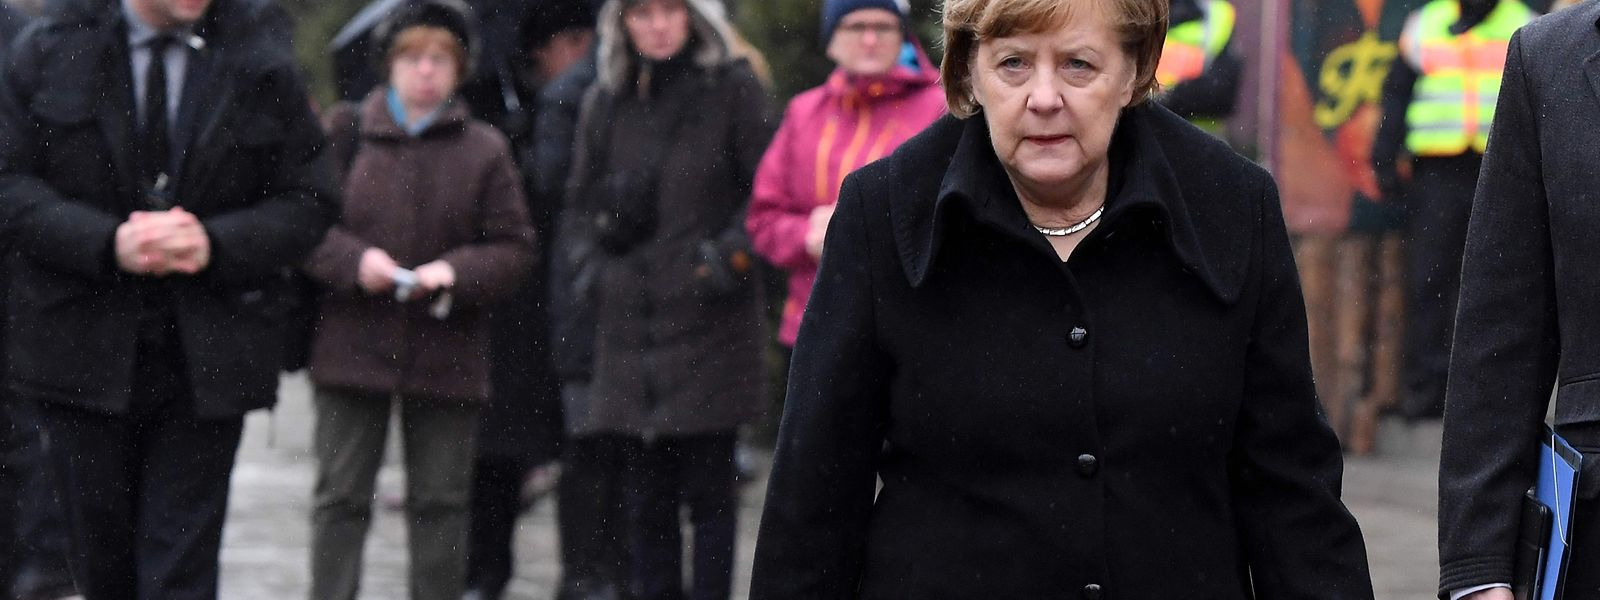 Angela Merkel kann sich nicht mehr auf den Rückhalt der Deutschen verlassen - jeder Zweite möchte sie nicht weitere vier Jahre im Amt sehen.